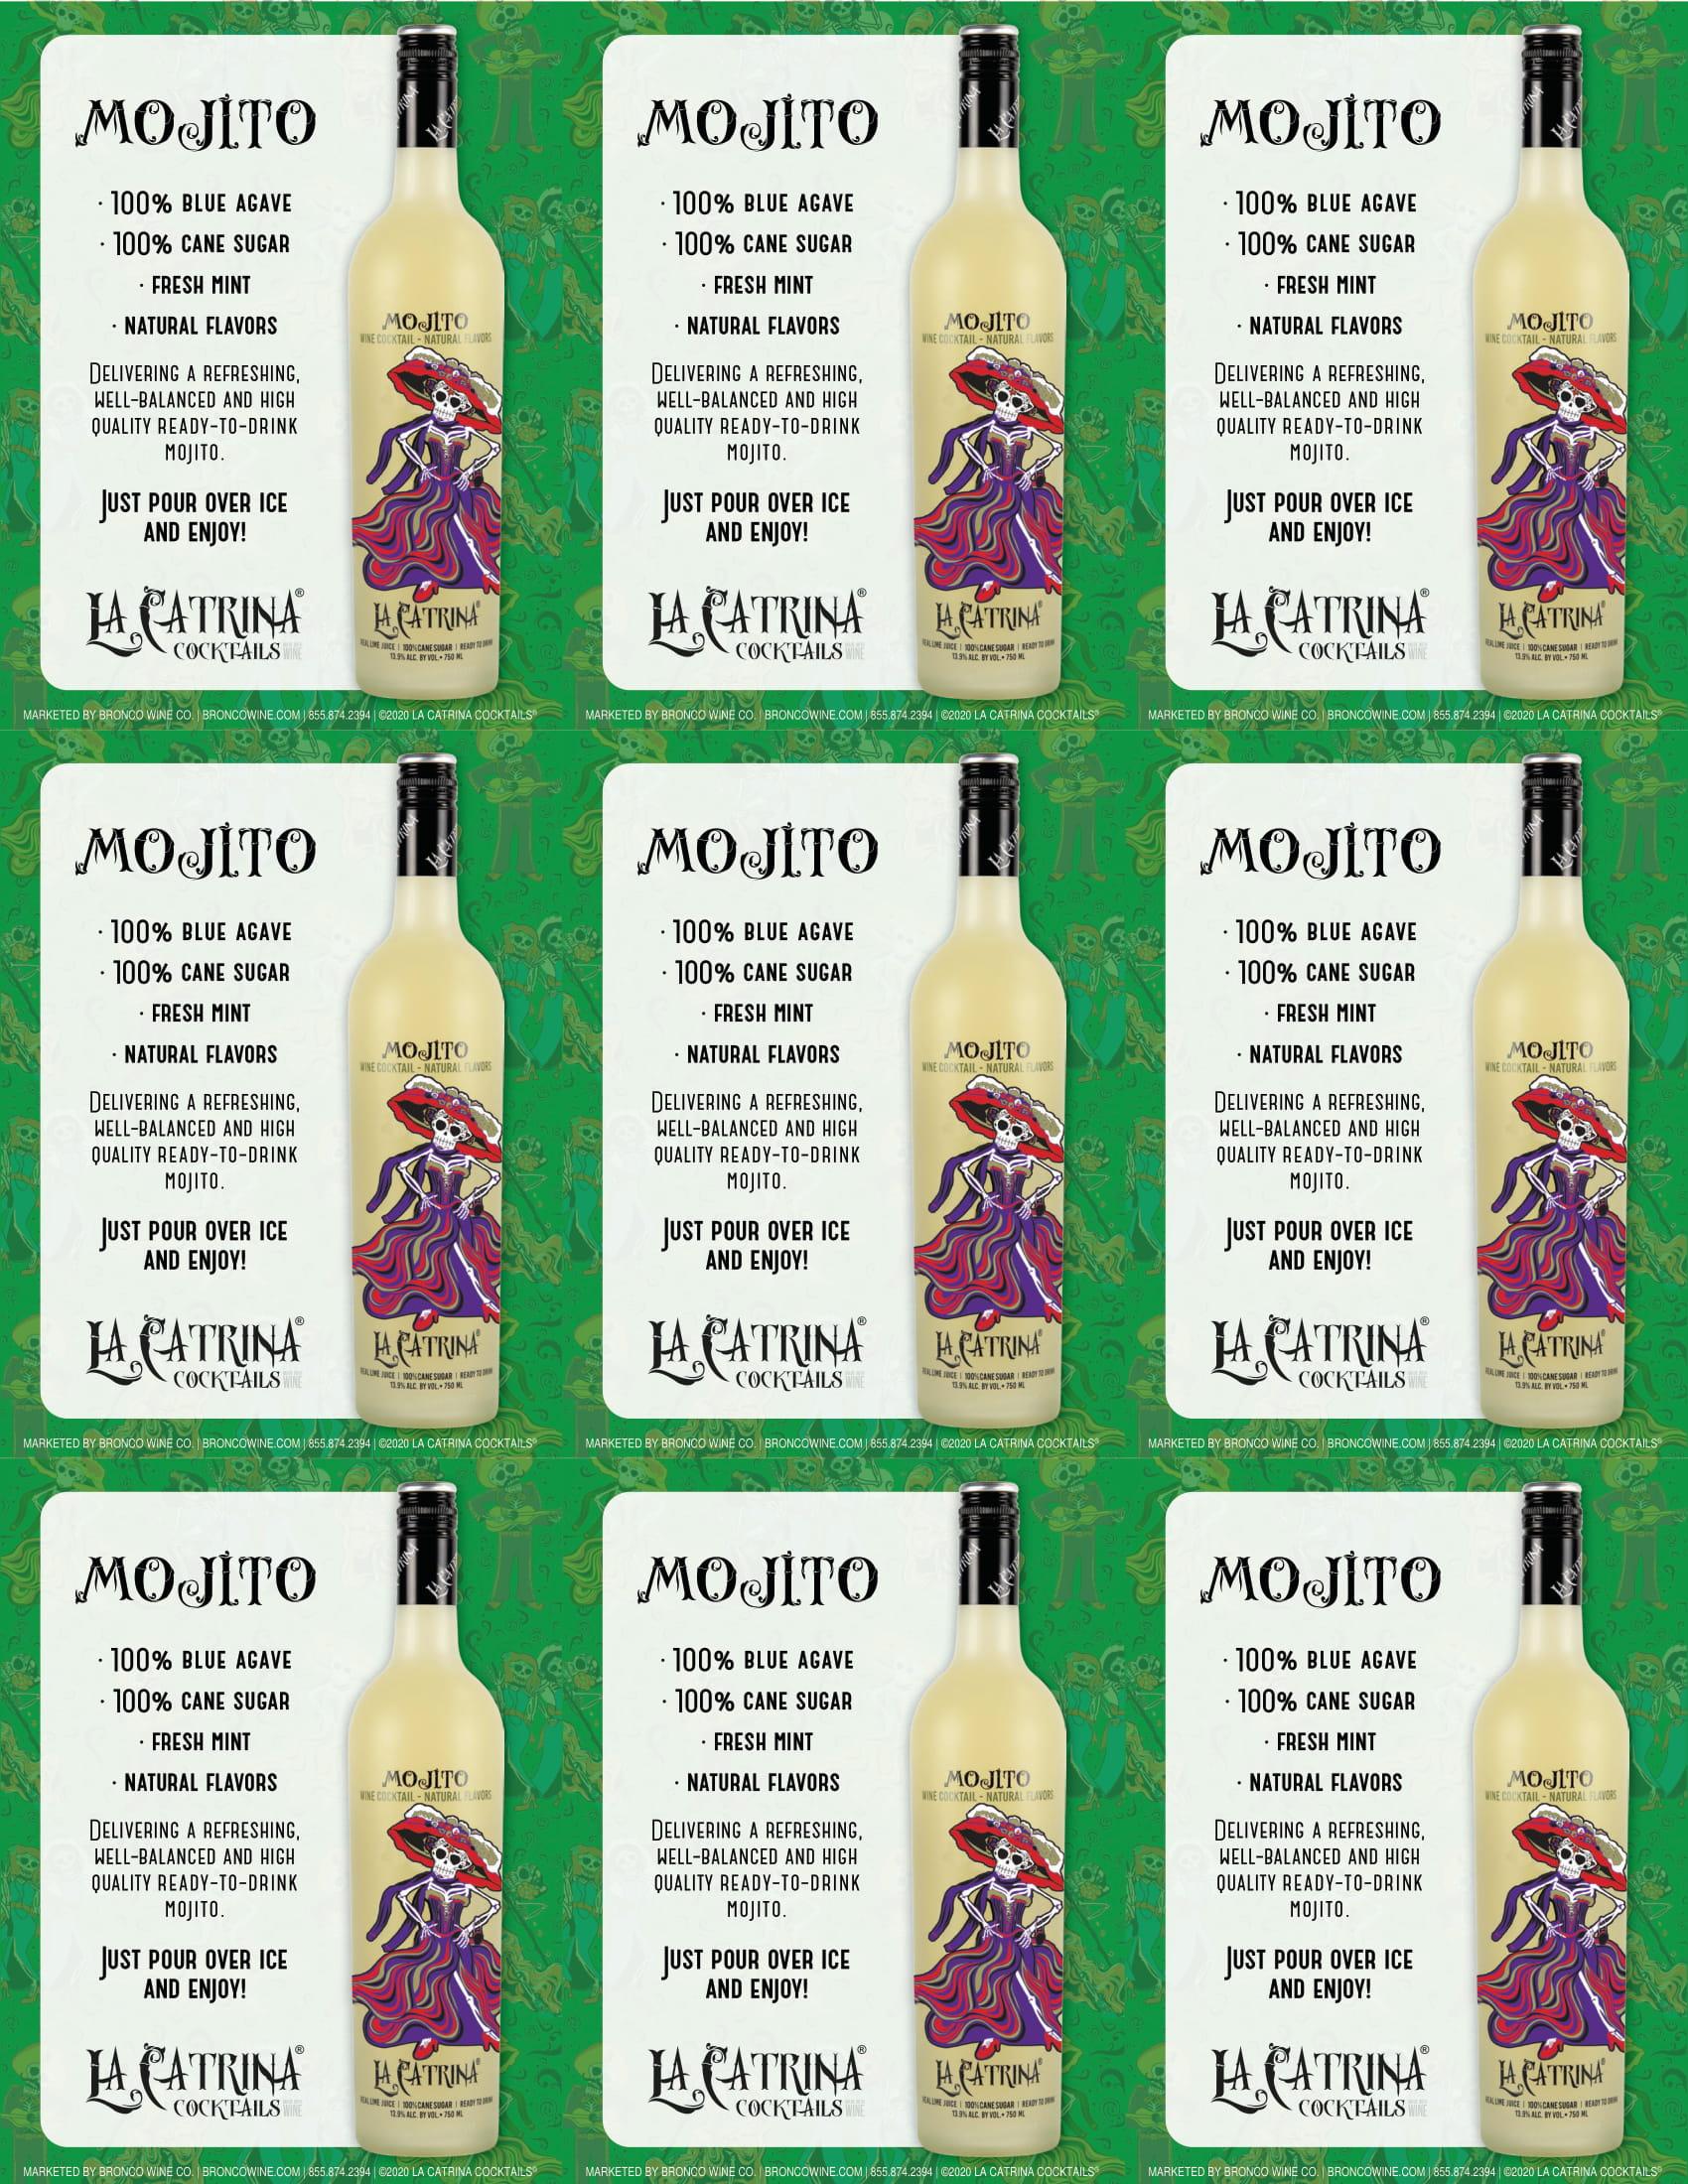 La Catrina Cocktails Mojito Shelf Talkers